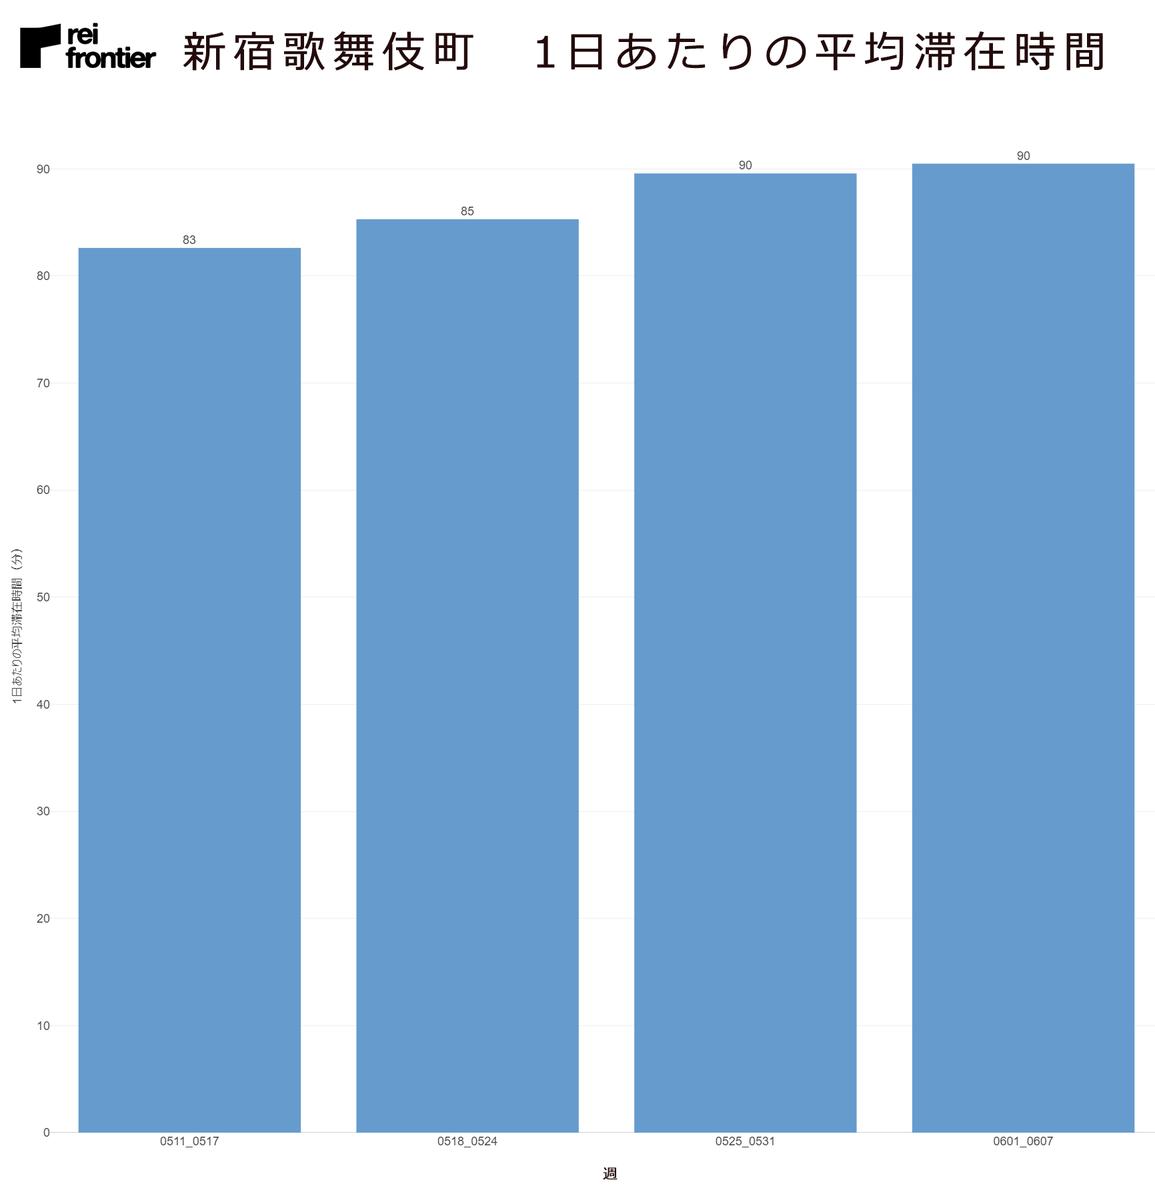 新宿歌舞伎町の1日あたりの平均滞在時間